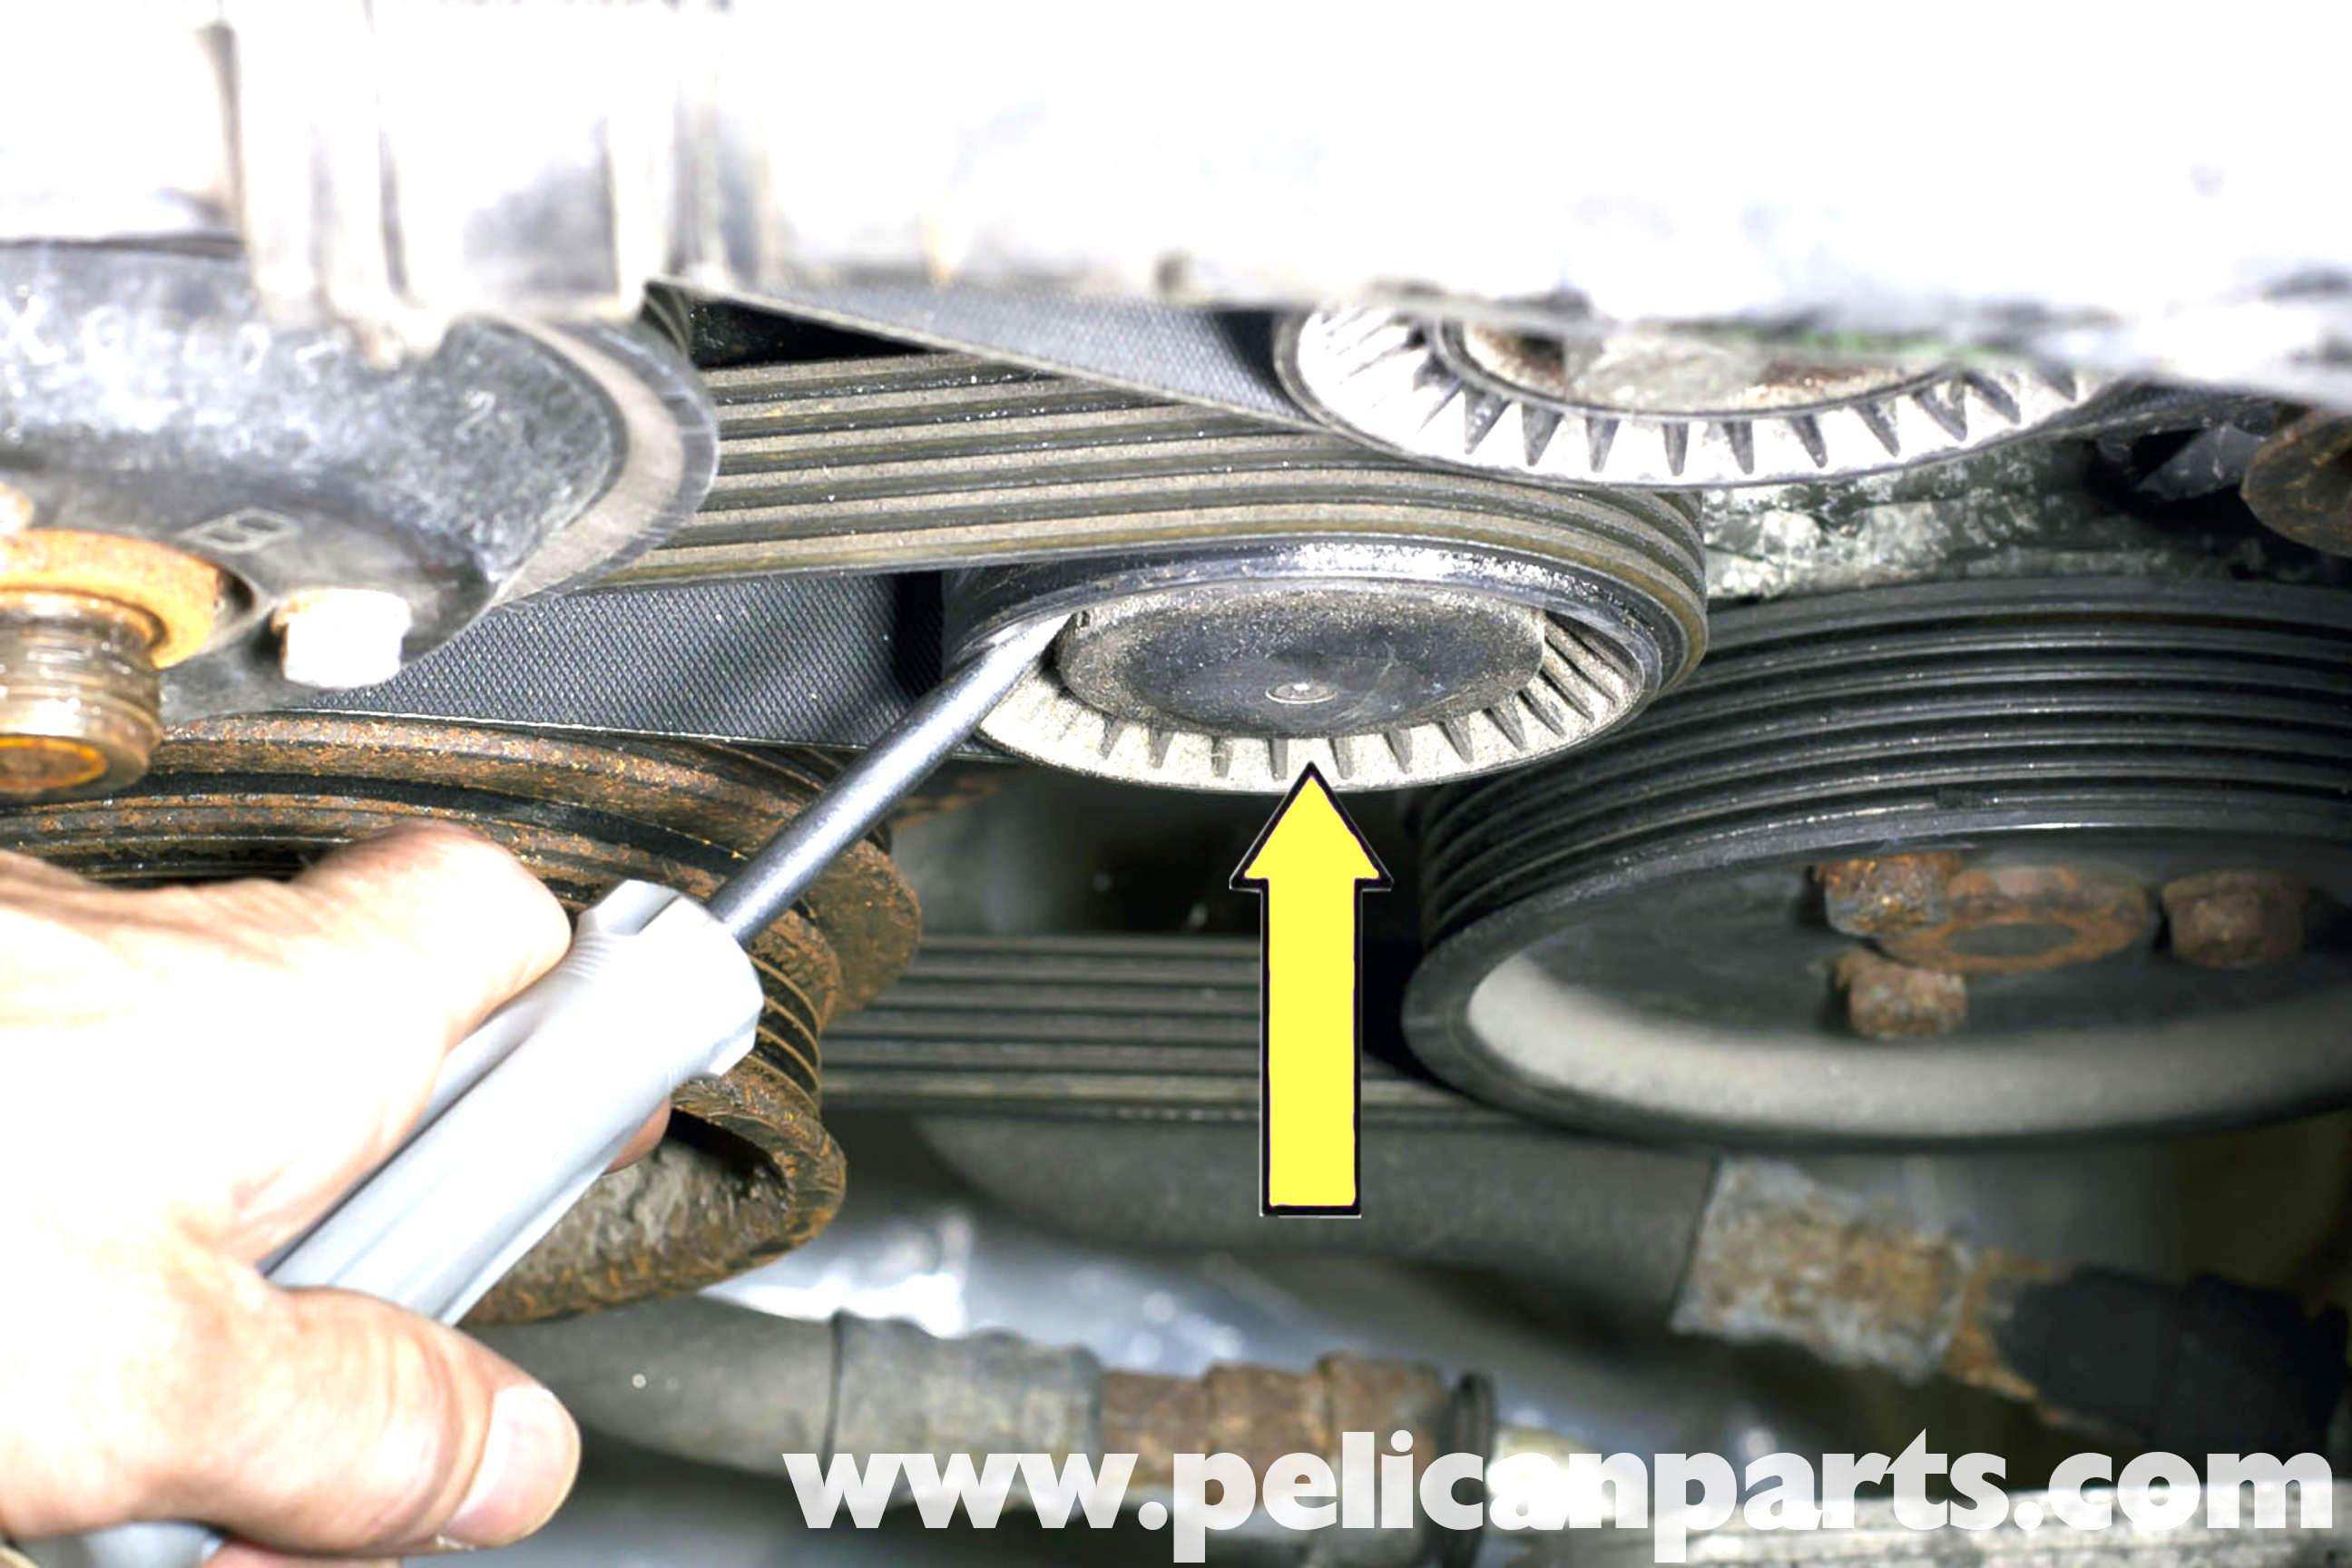 Bmw Z3 Drive Belt Replacement 1996 2002 Pelican Parts Diy Maintenance Article